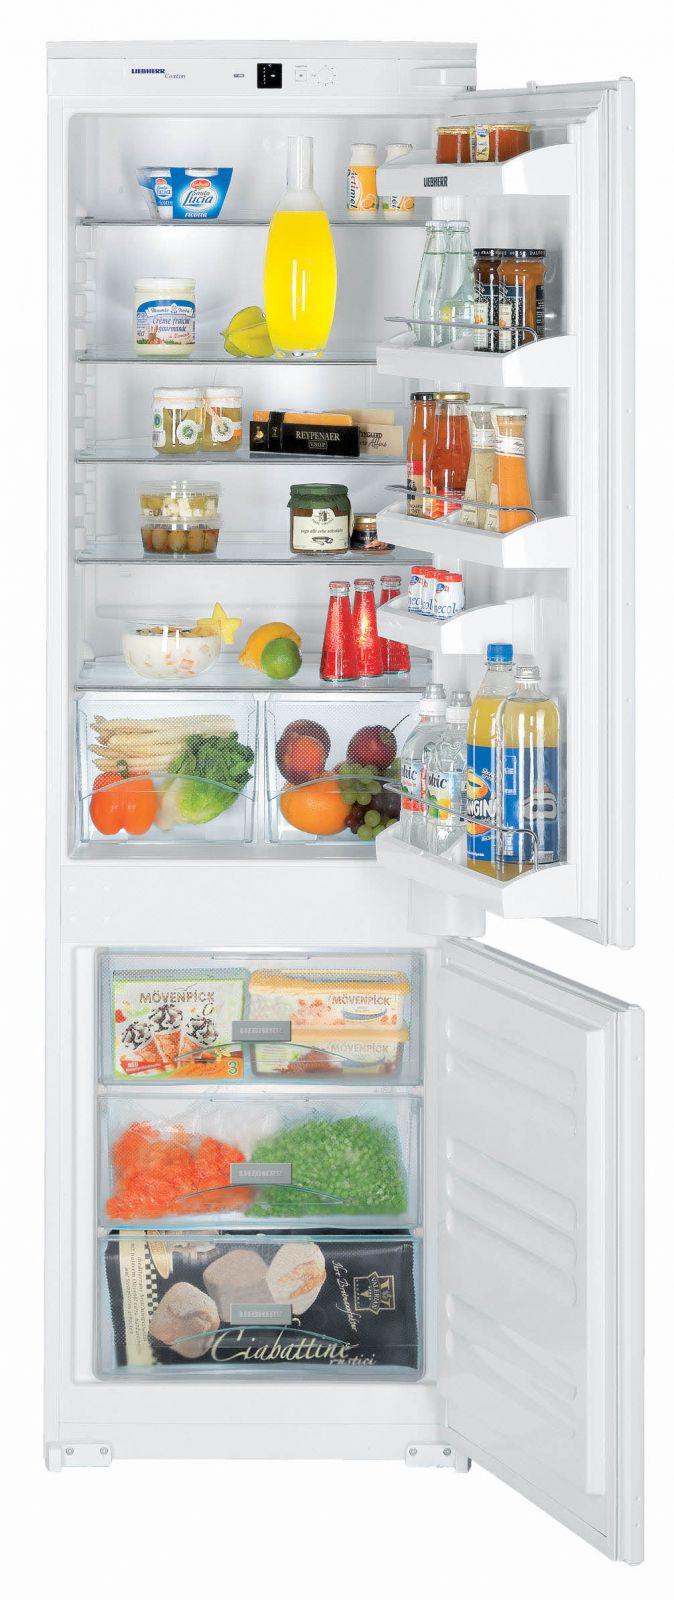 купить Встраиваемый двухкамерный комбинированный холодильник Liebherr ICUS 3013 Украина фото 0